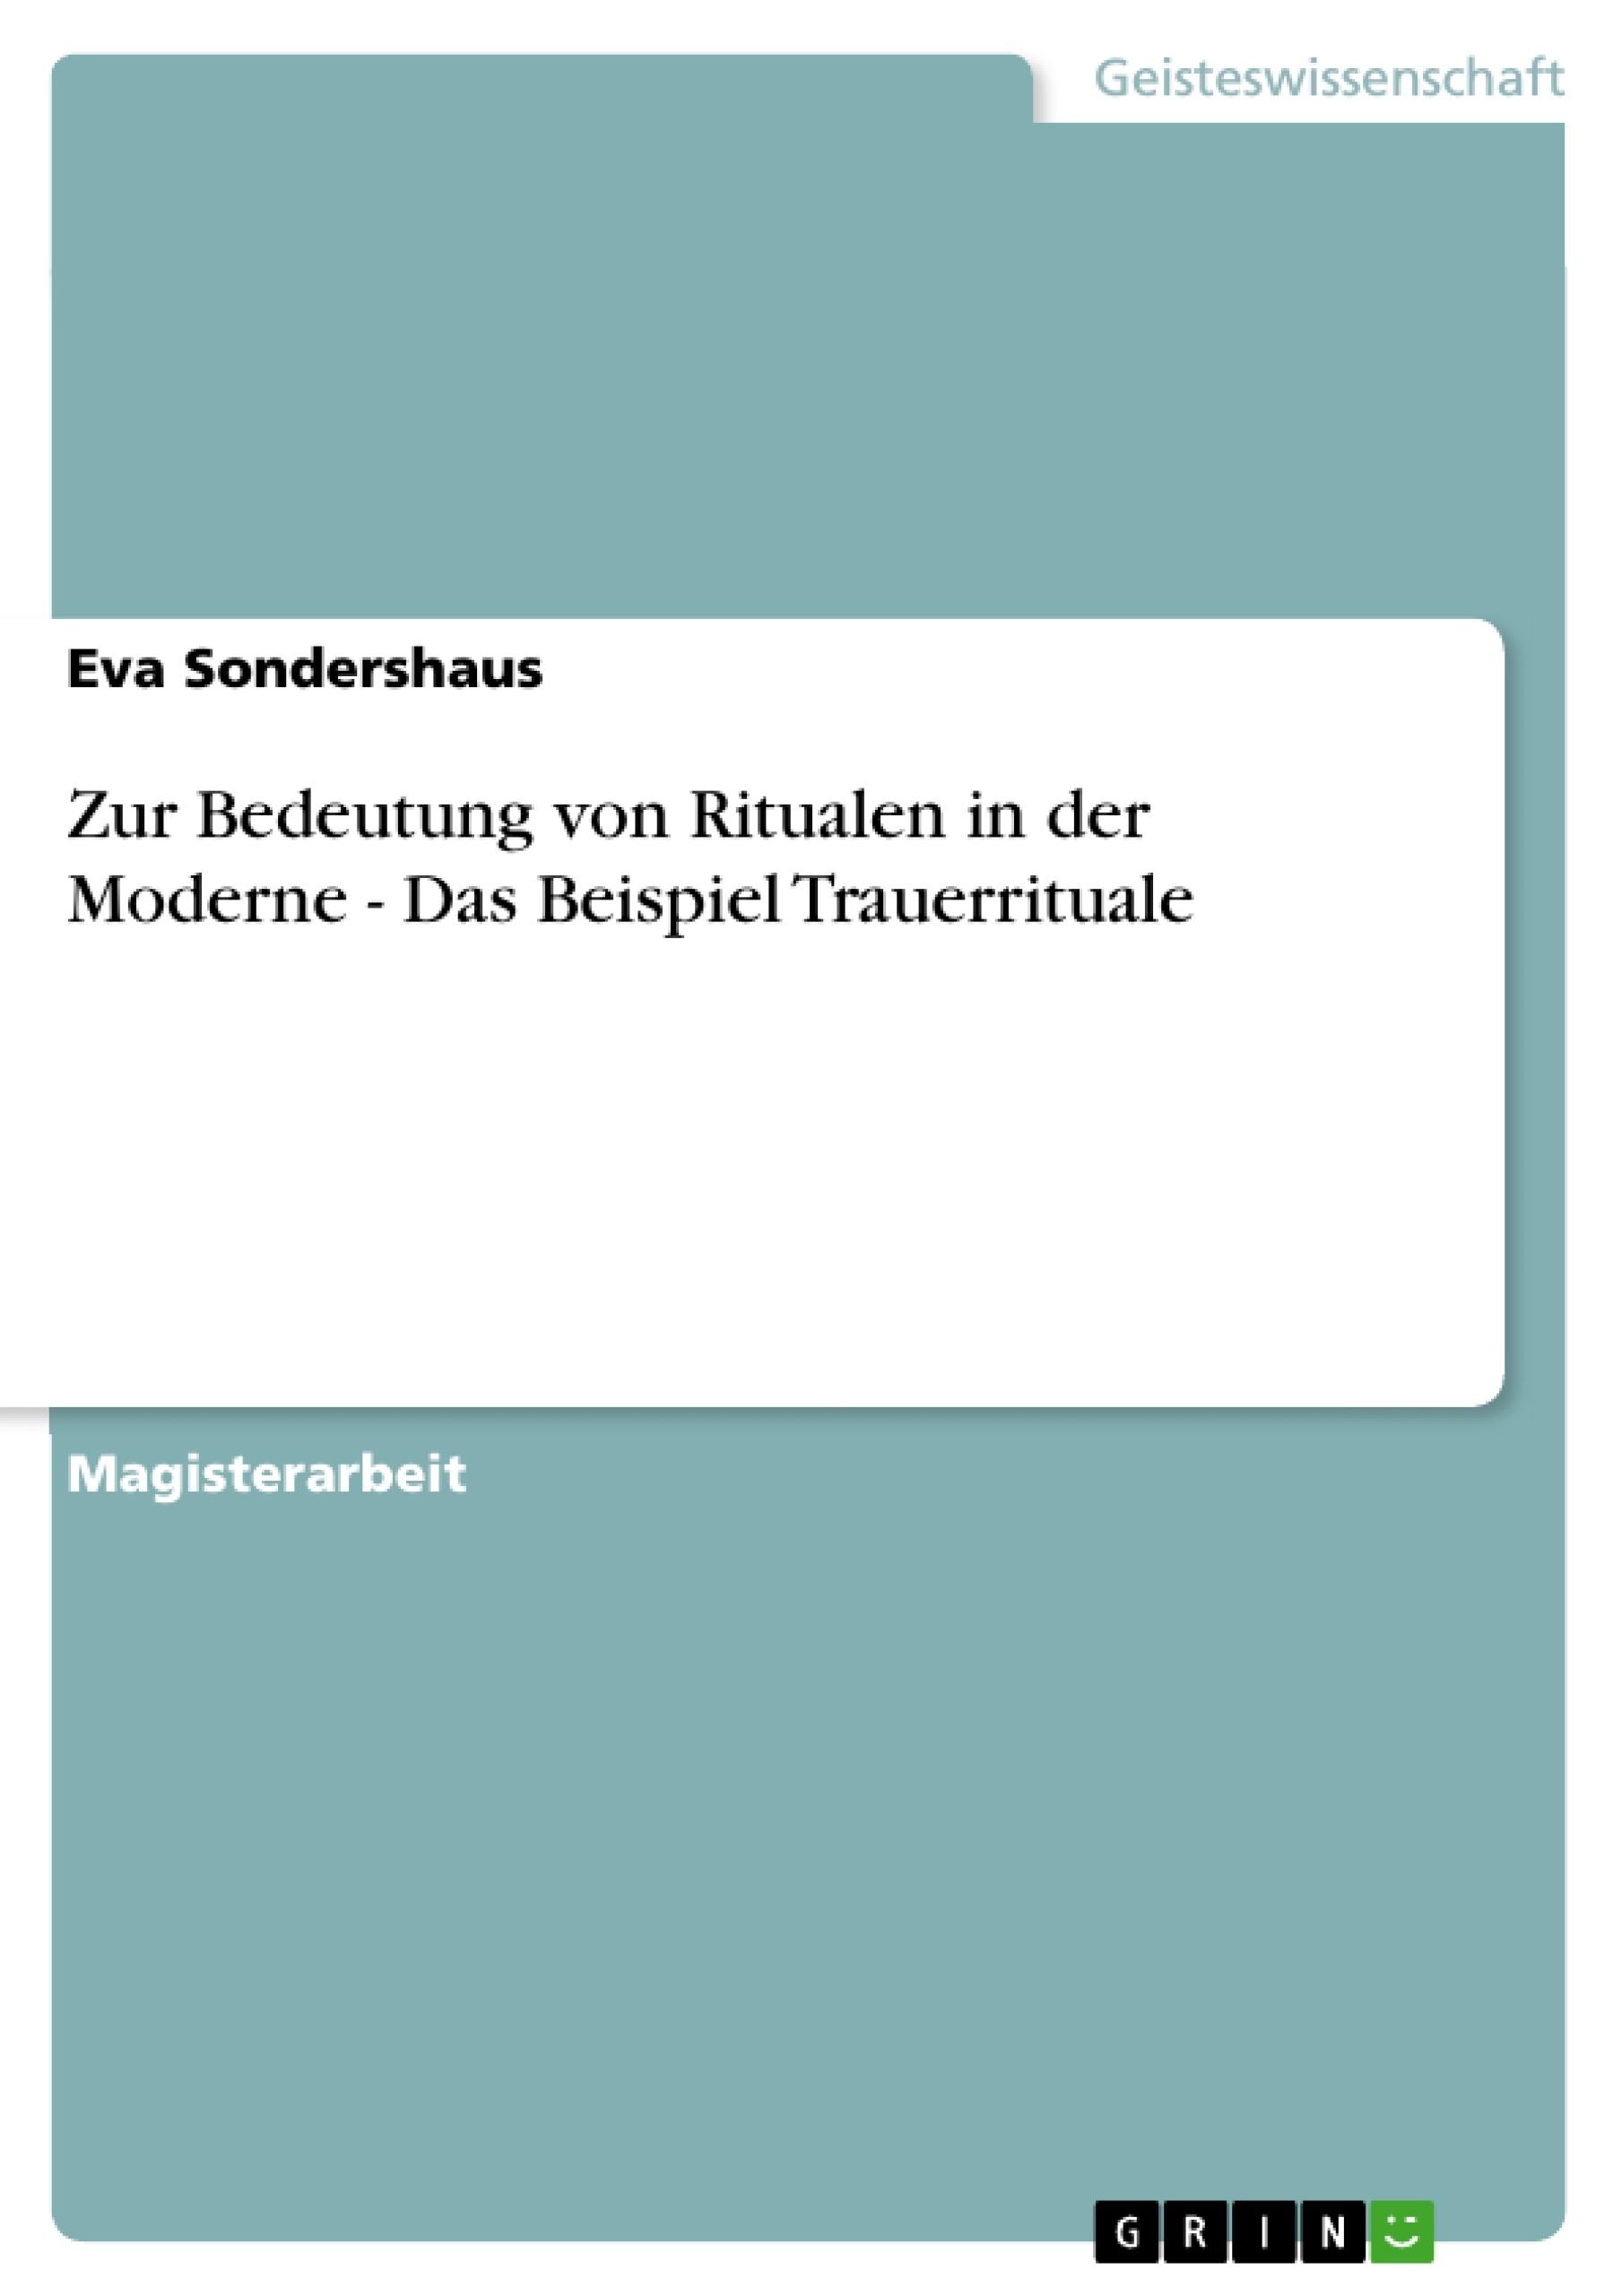 Titel: Zur Bedeutung von Ritualen in der Moderne - Das Beispiel Trauerrituale